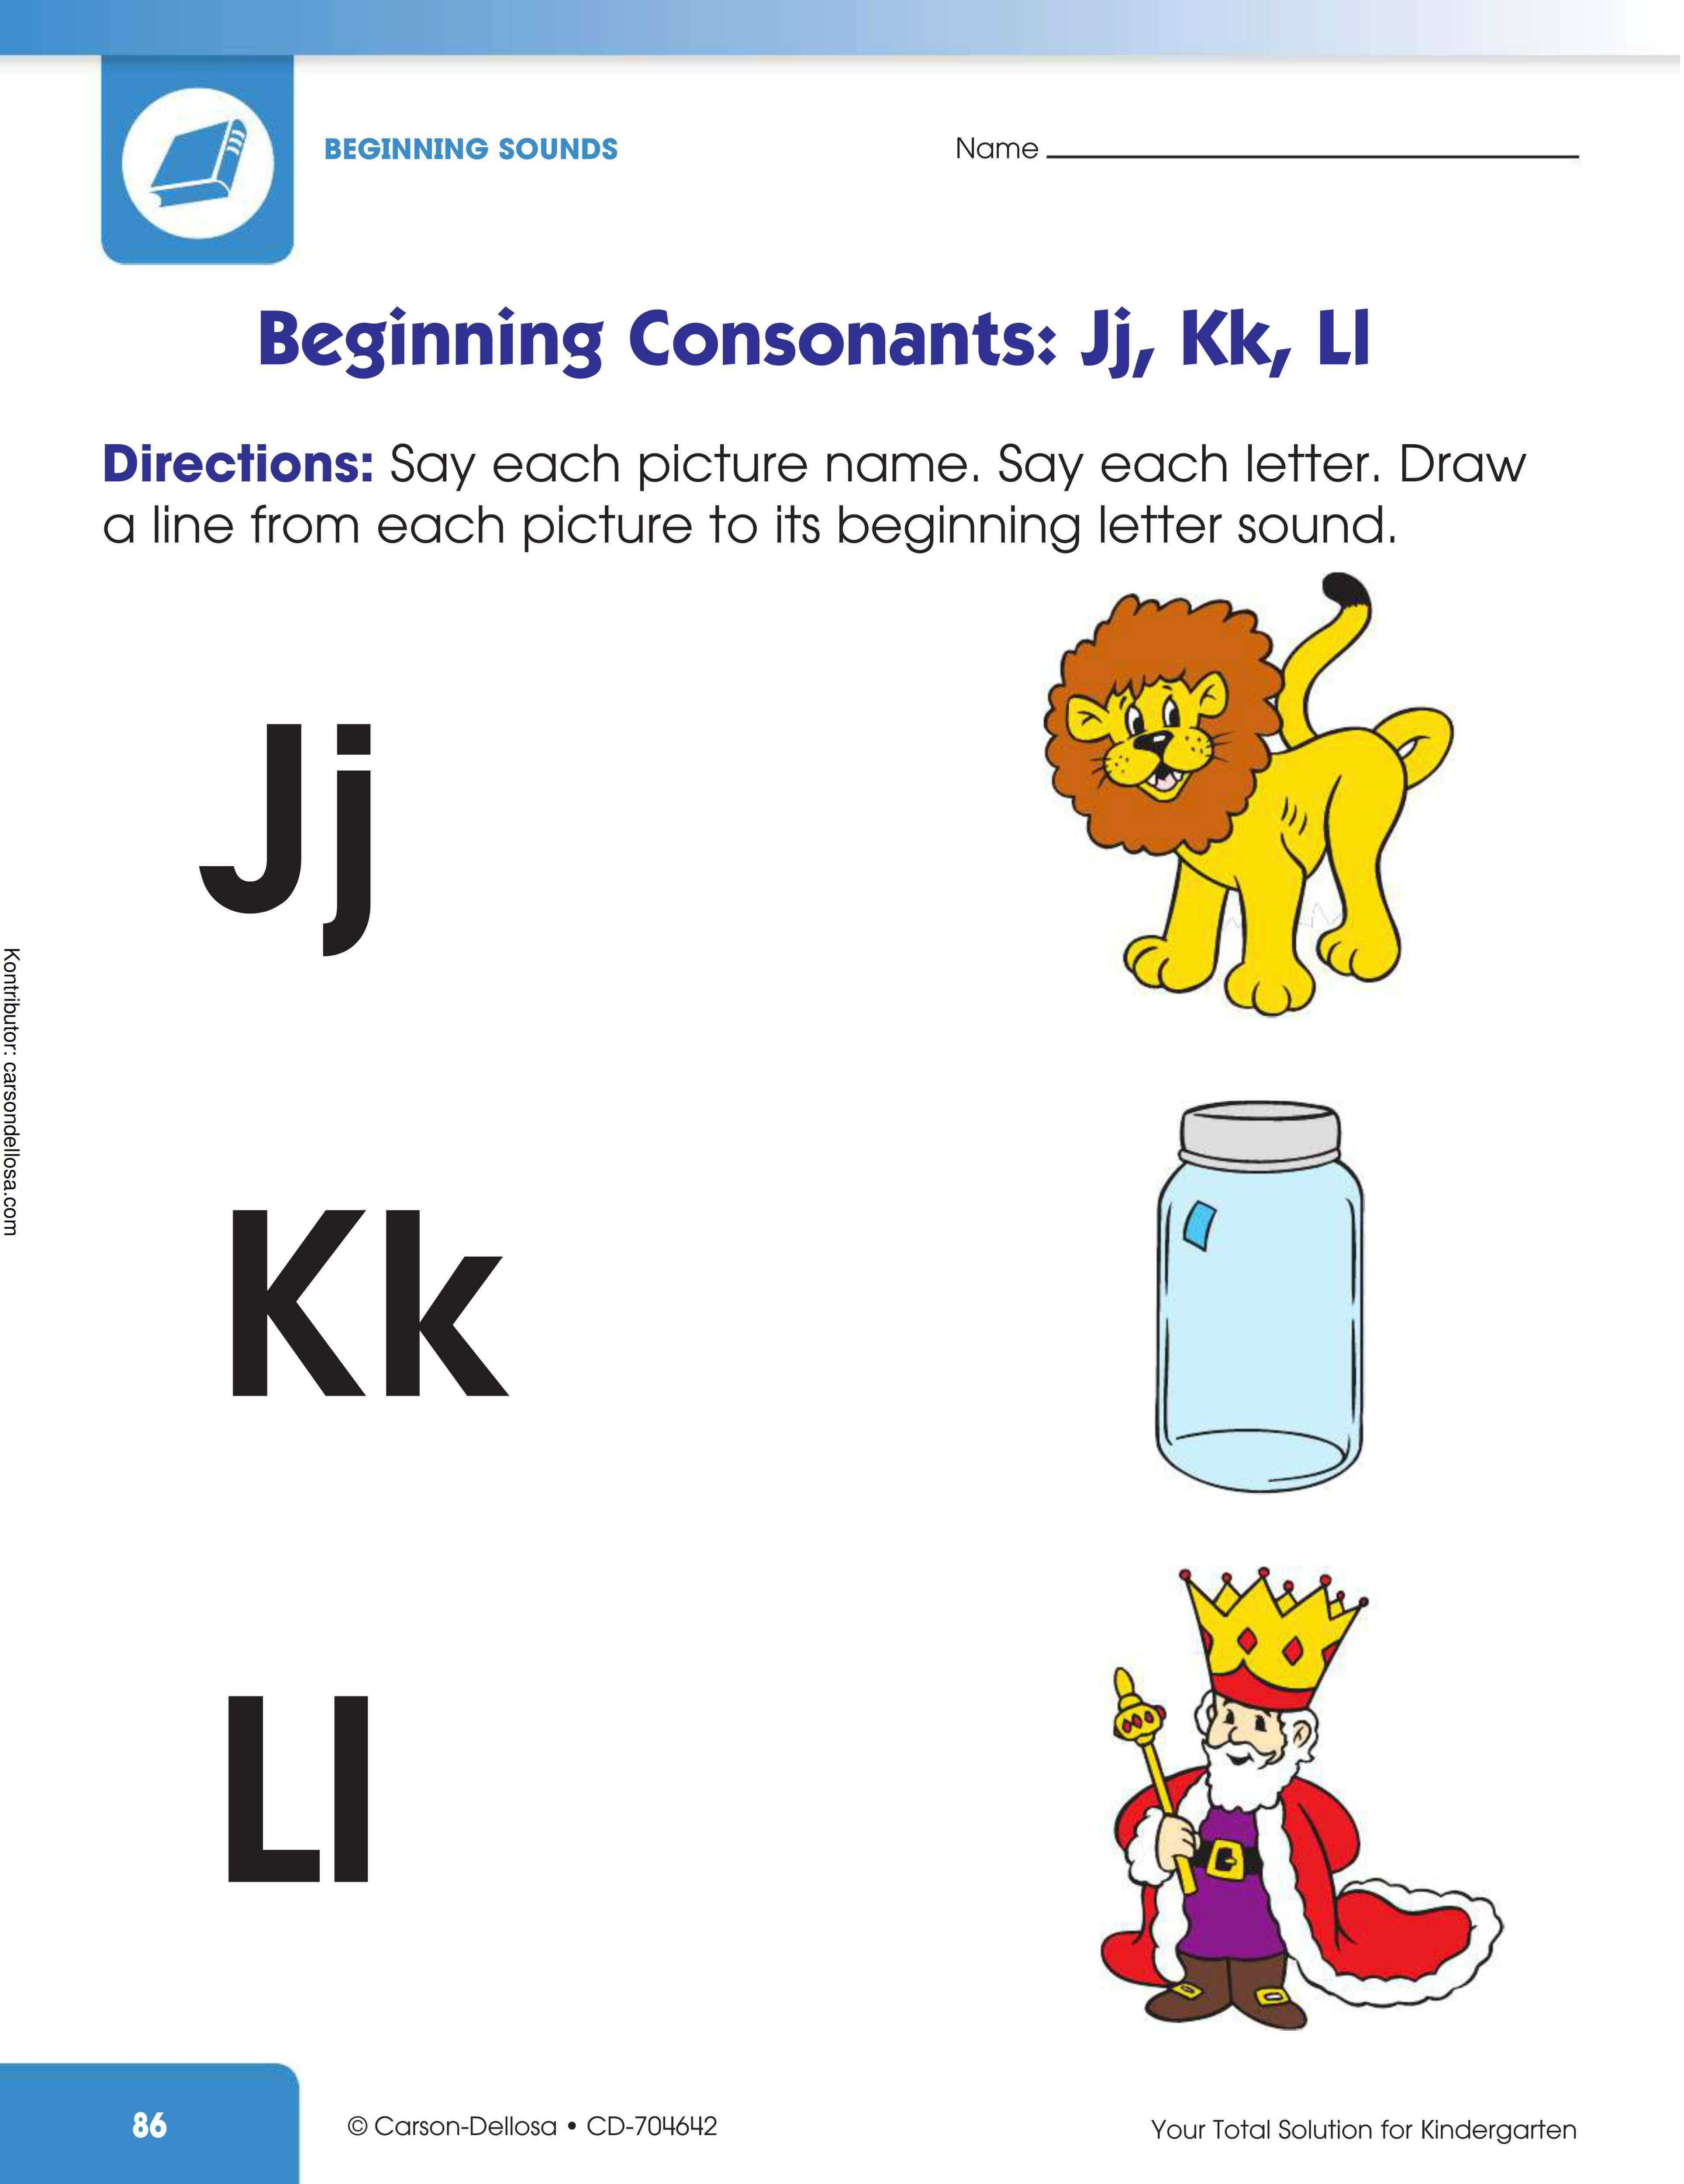 Belajar Mengenal Huruf Konsonan Awalan Jj, Kk, Ll